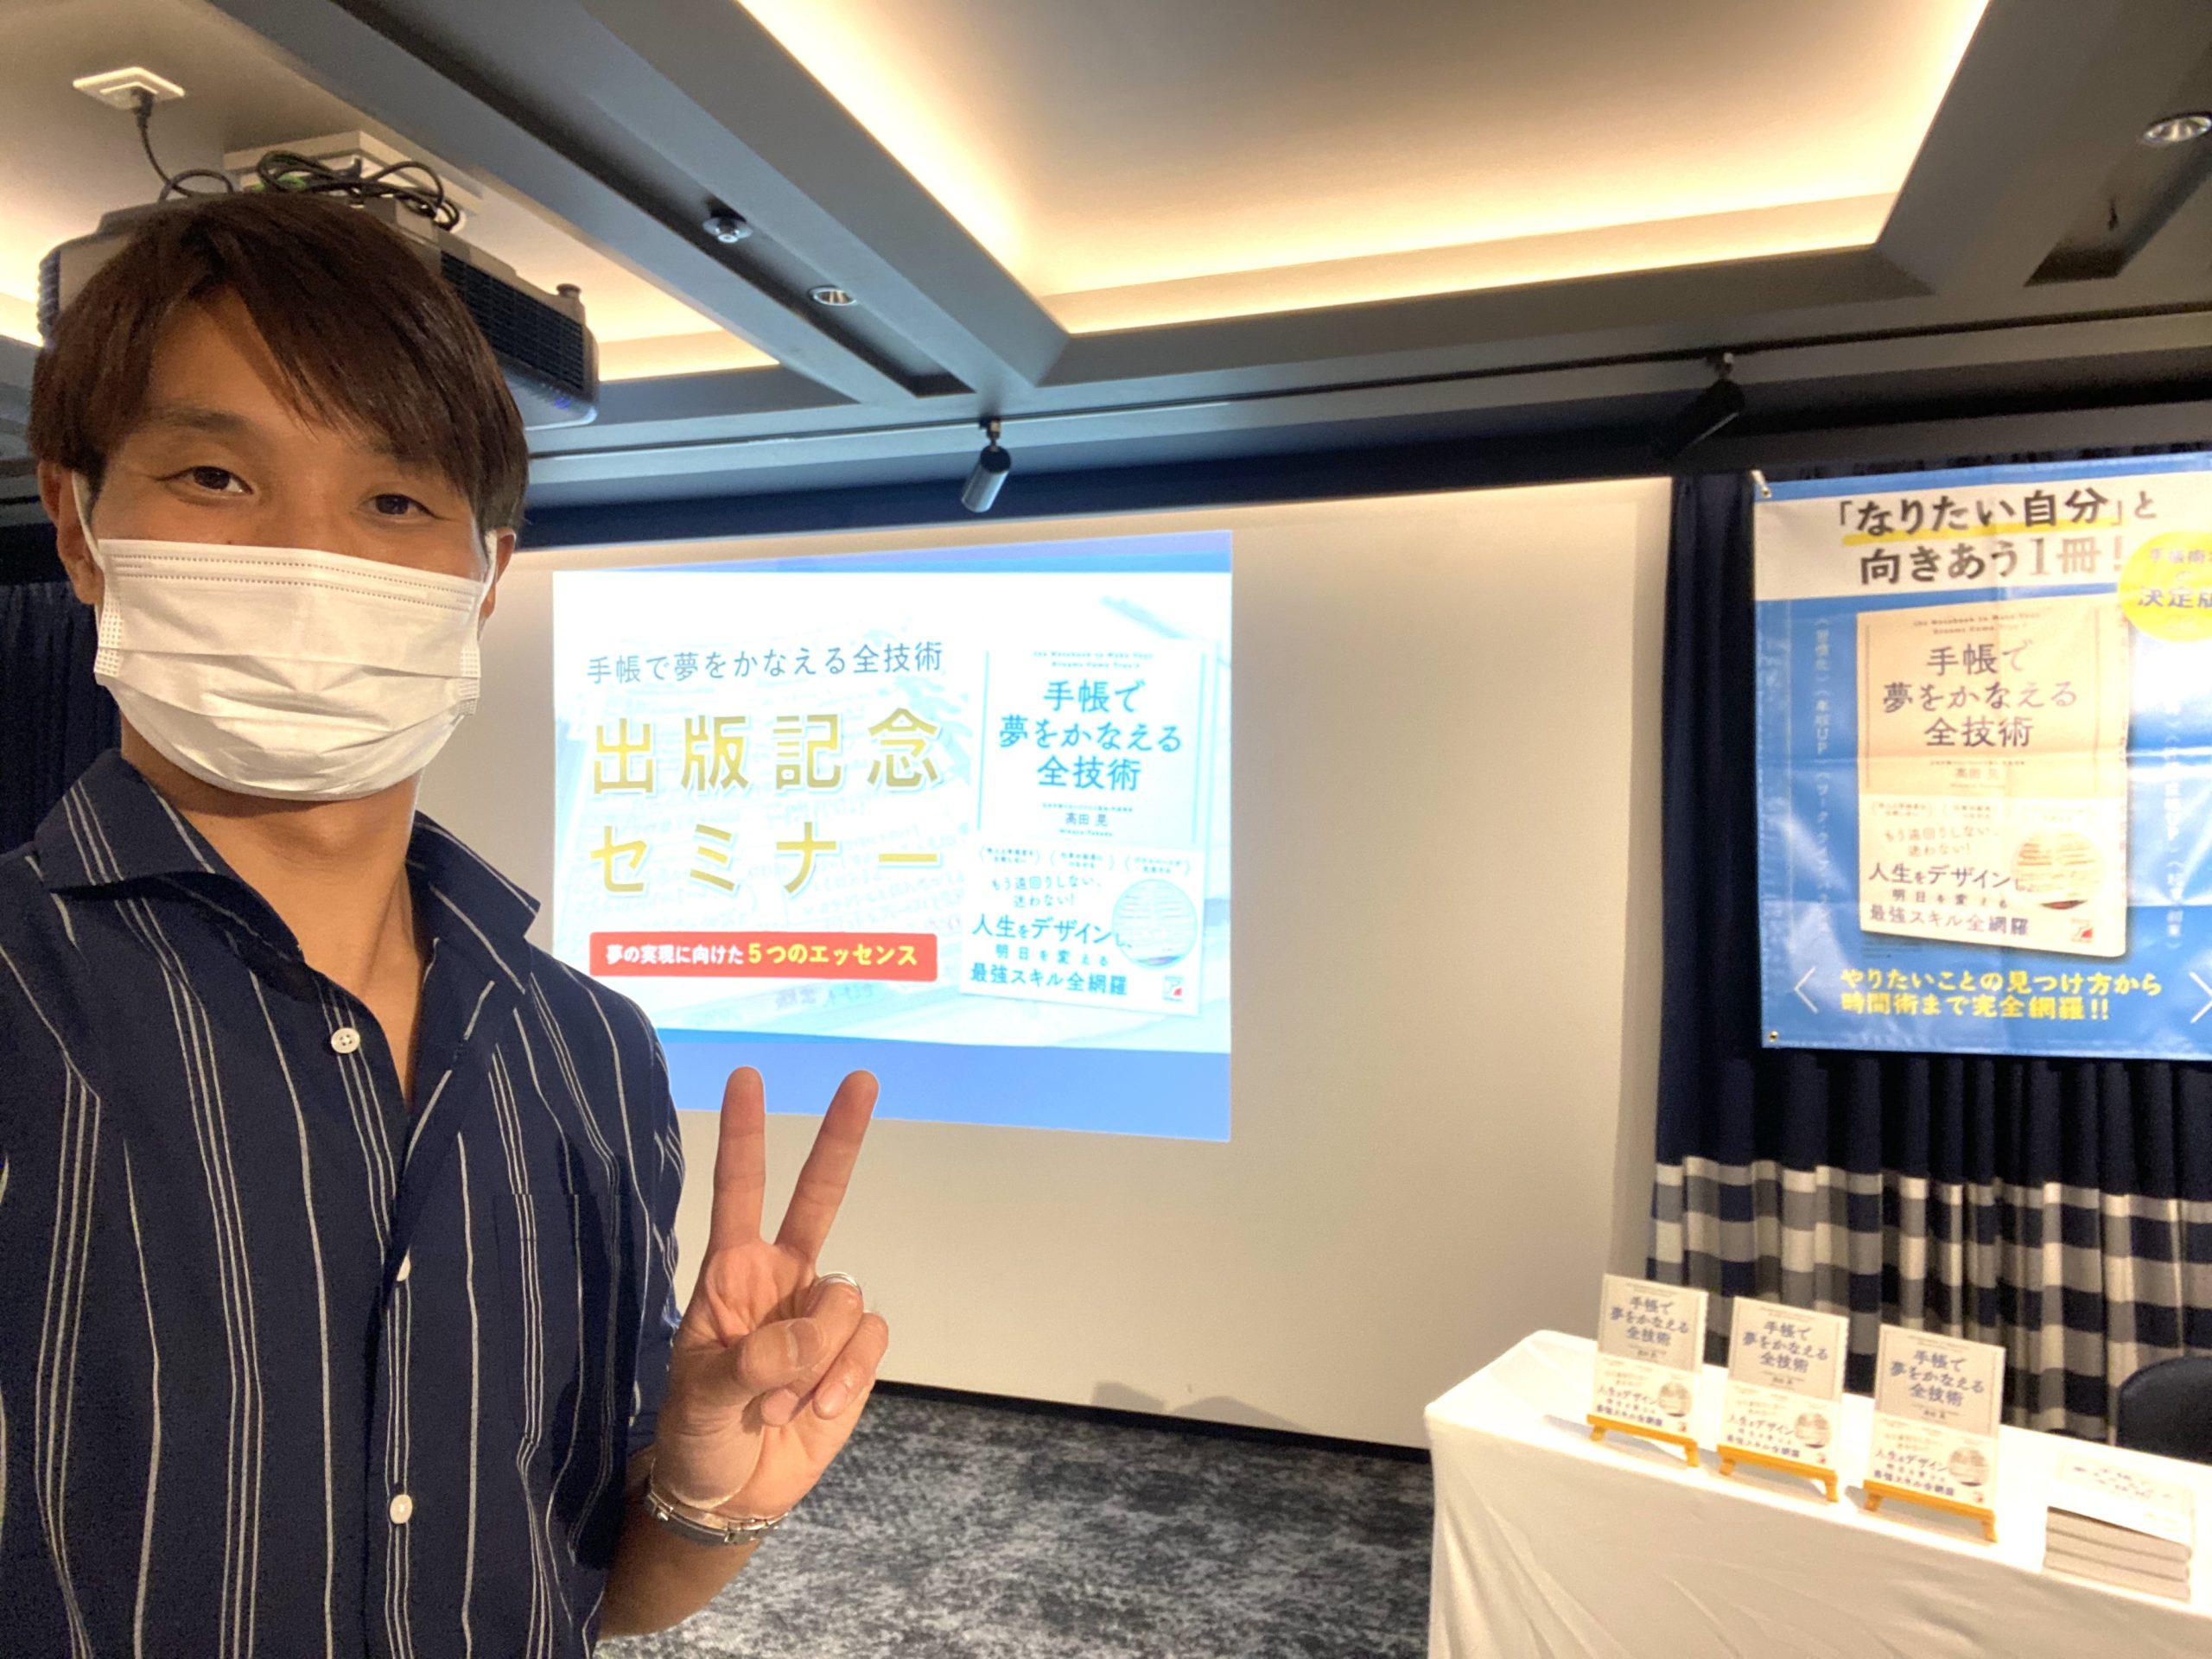 大阪&名古屋増席しました!「手帳で夢をかなえる全技術セミナー」